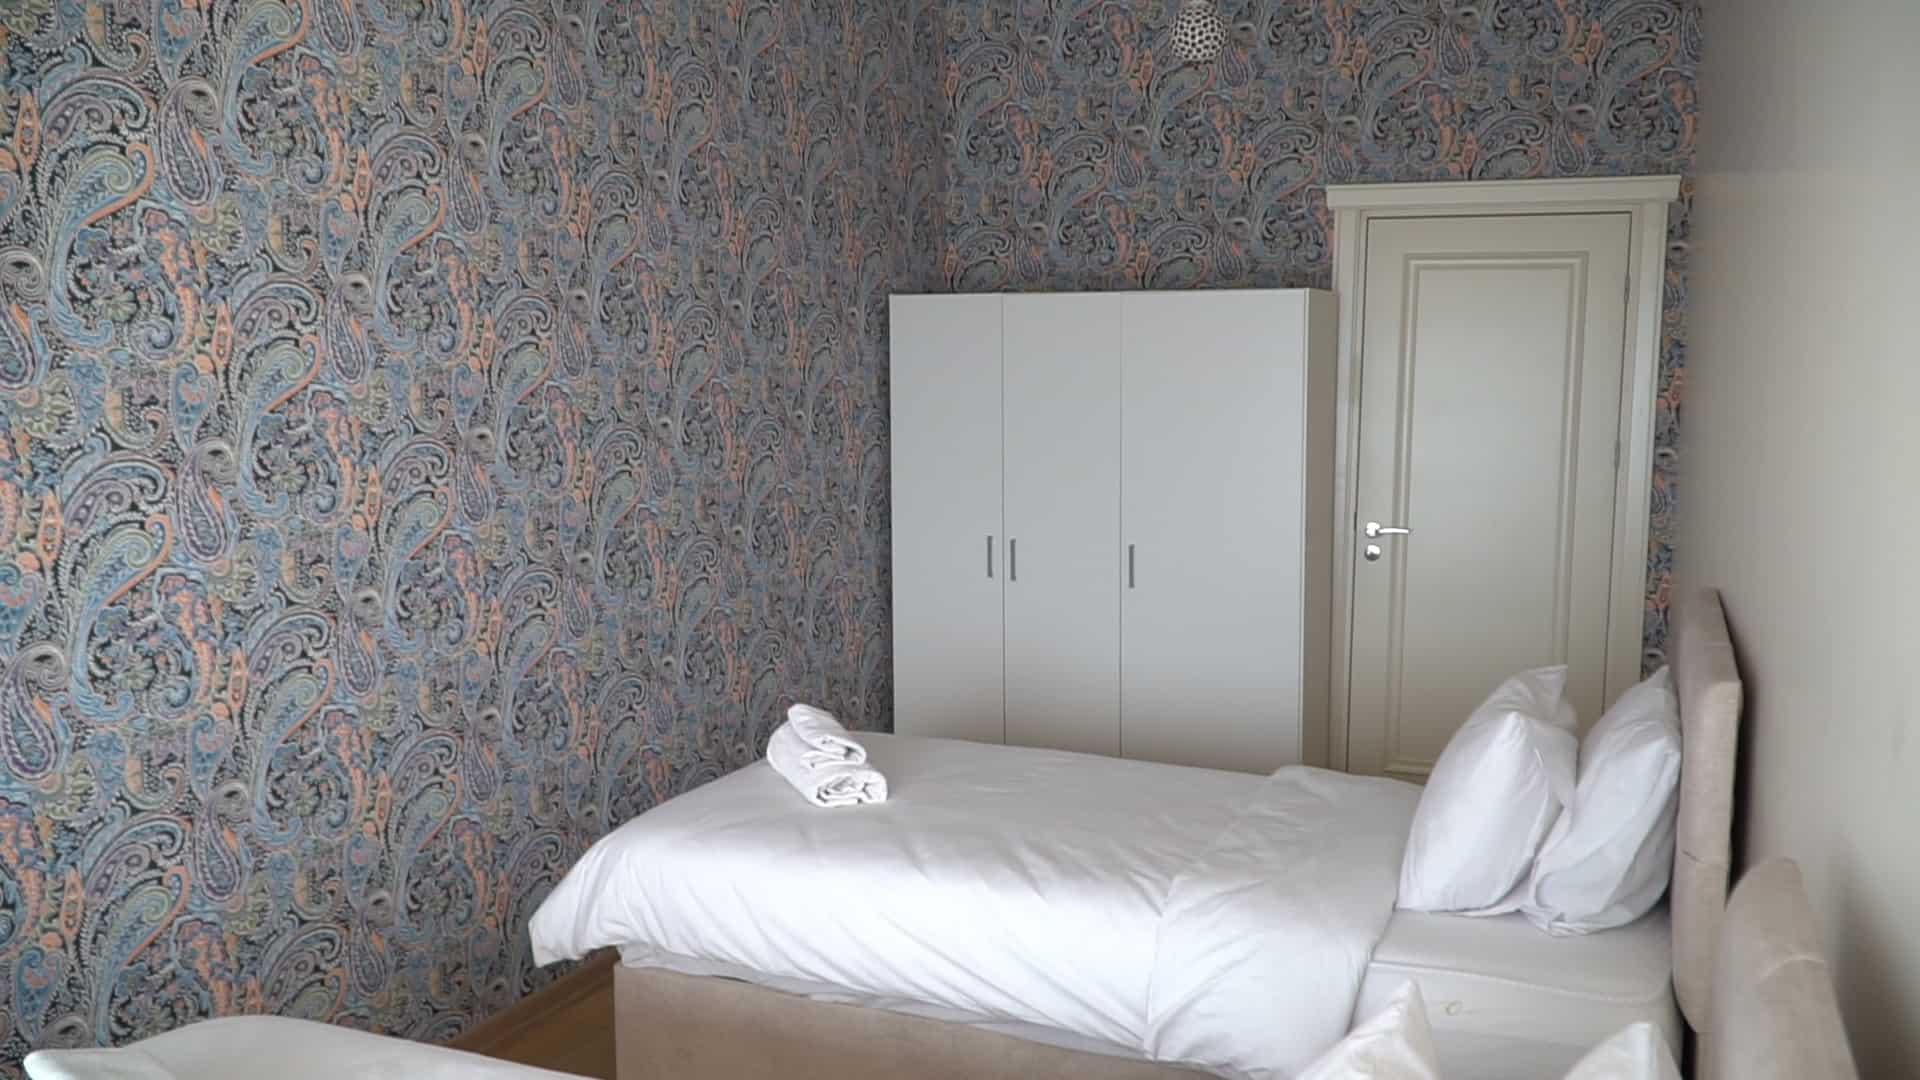 الغرفة الاولى شقة 3 غرف وصالون للايجار في مول فينيسيا